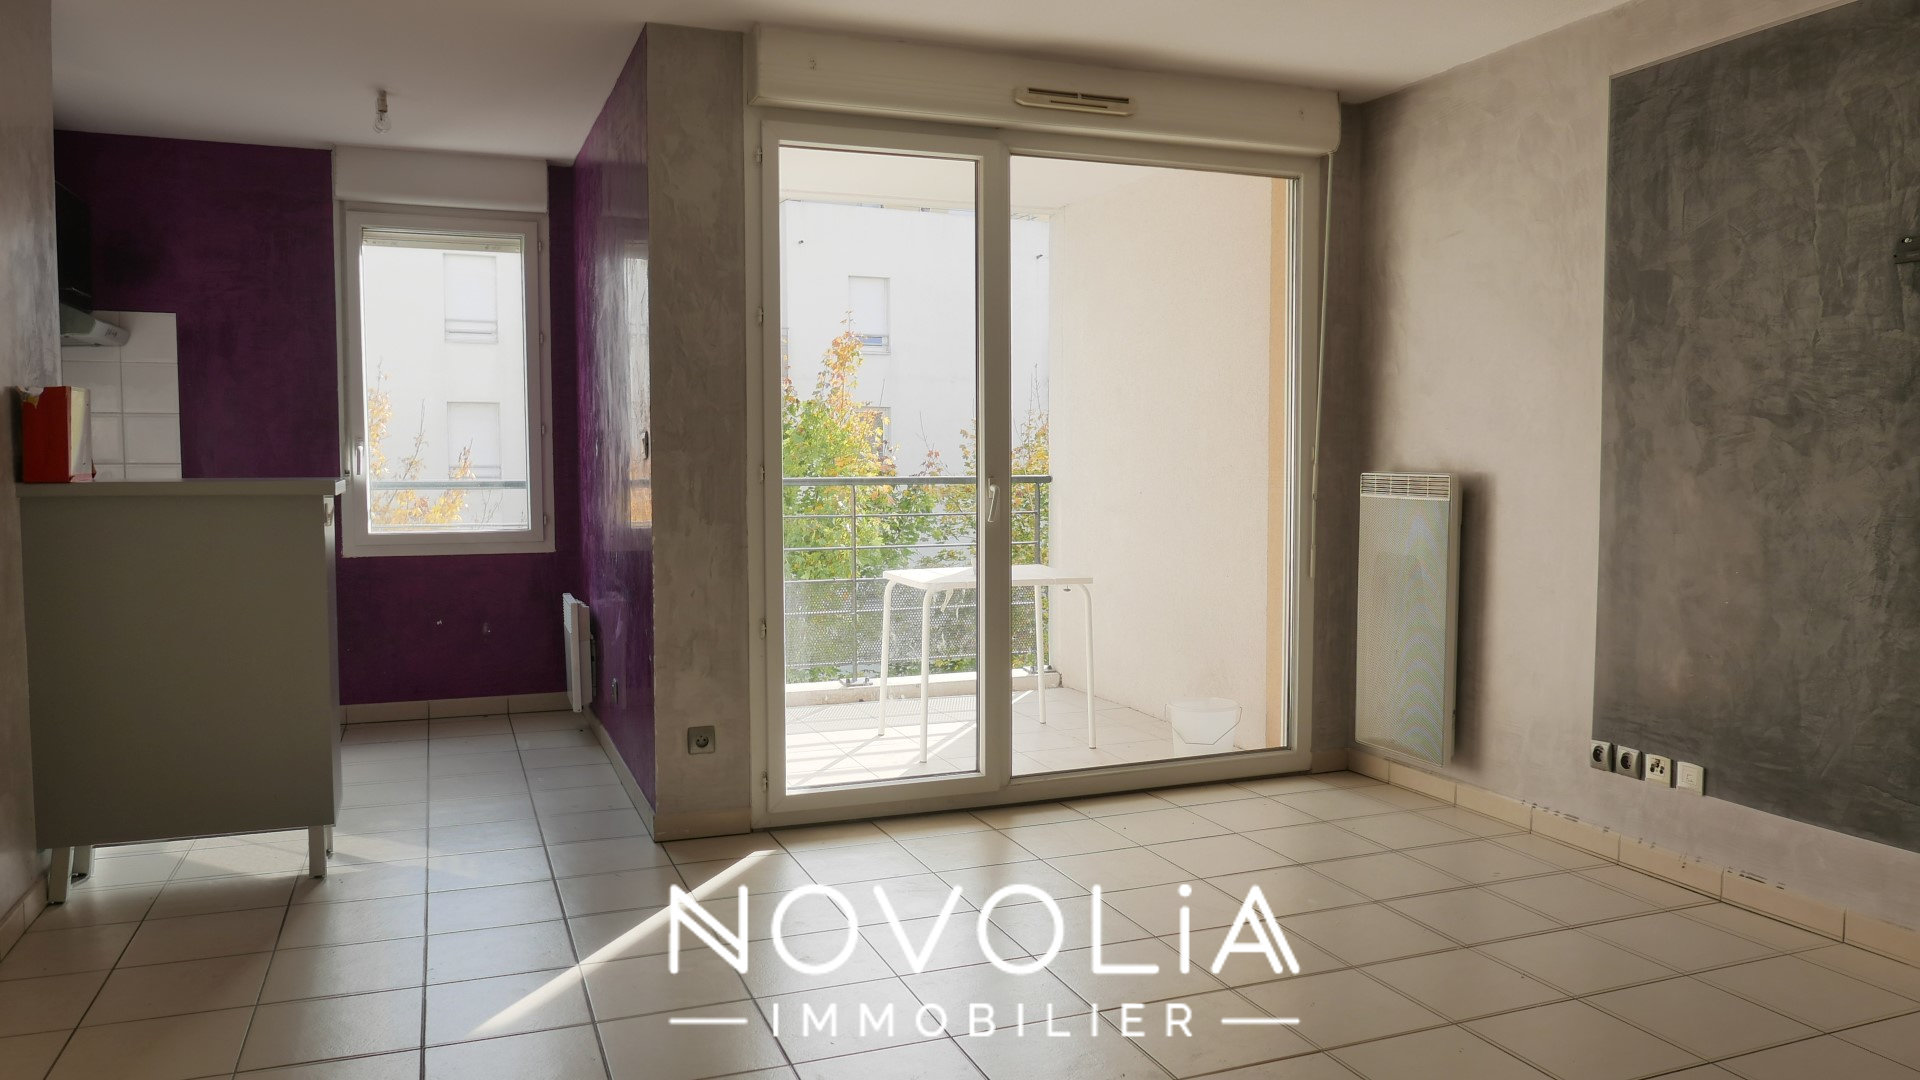 Achat Appartement Surface de 47 m², 2 pièces, Vénissieux (69200)